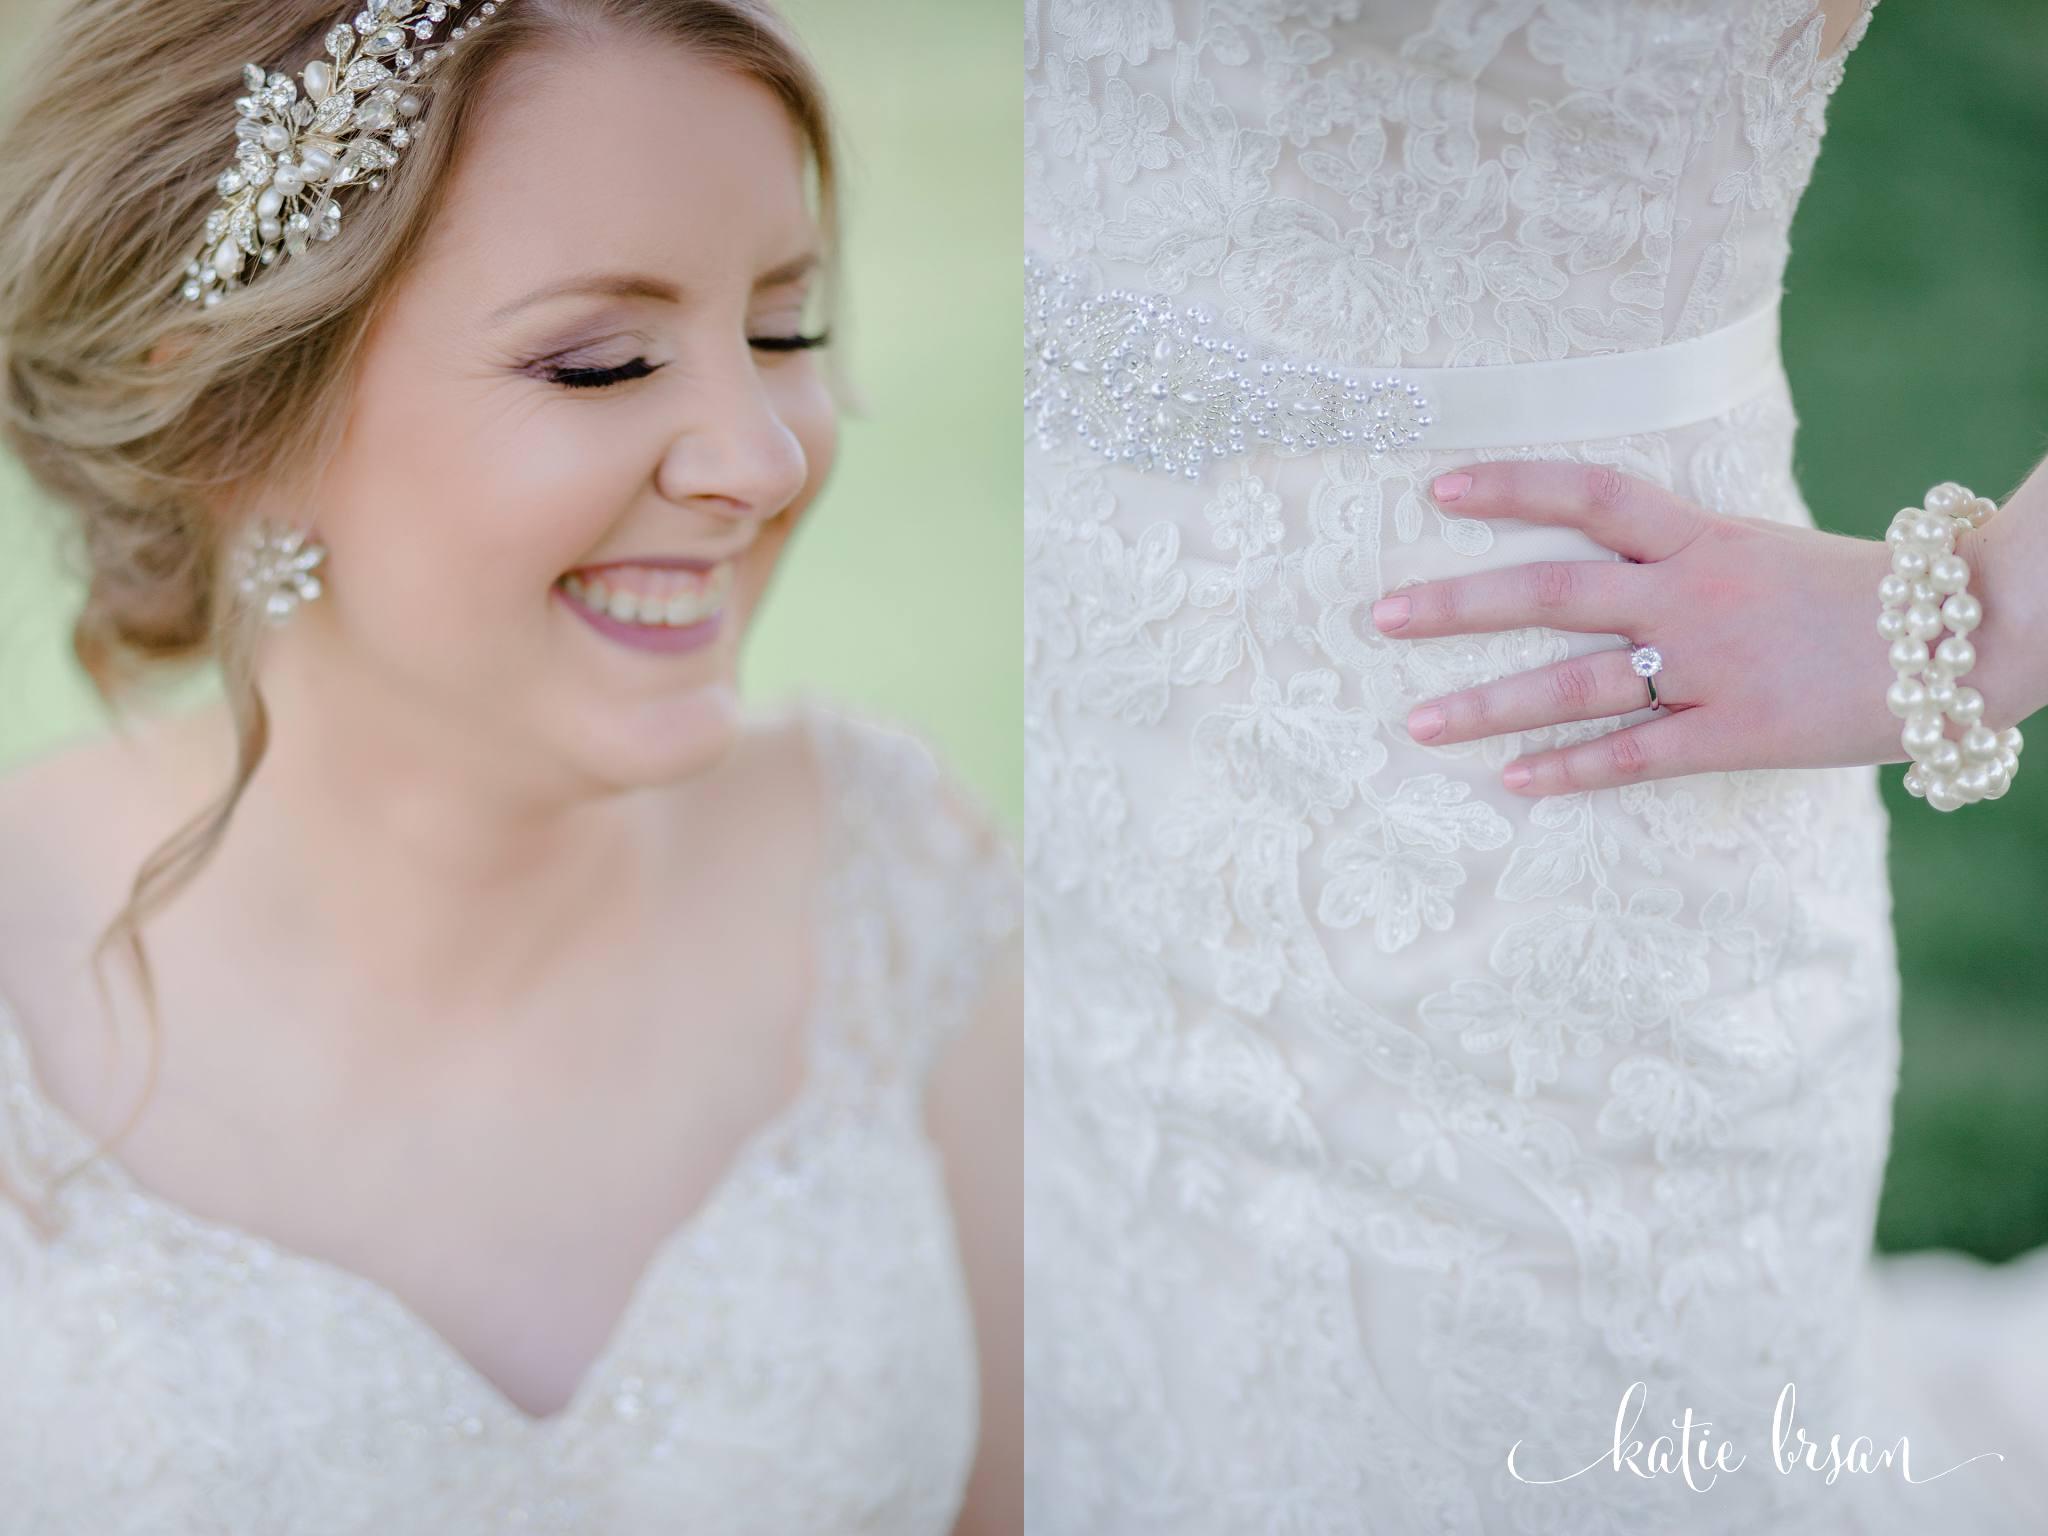 Mokena_Lemont_Wedding_Ruffled_Feathers_Wedding_1336.jpg